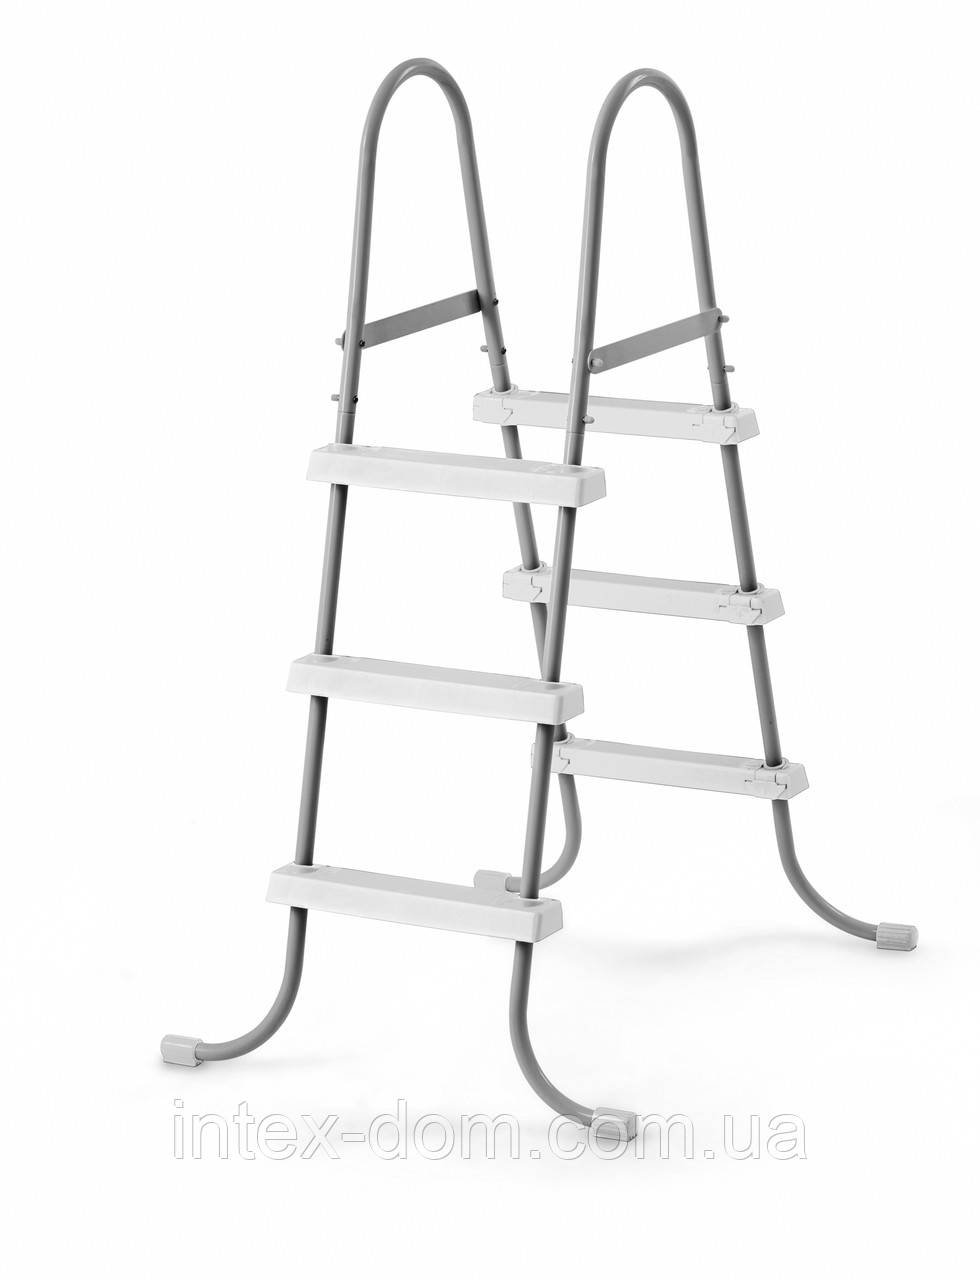 Intex 58973/28065 ( 107 см.) Лестница для бассейна